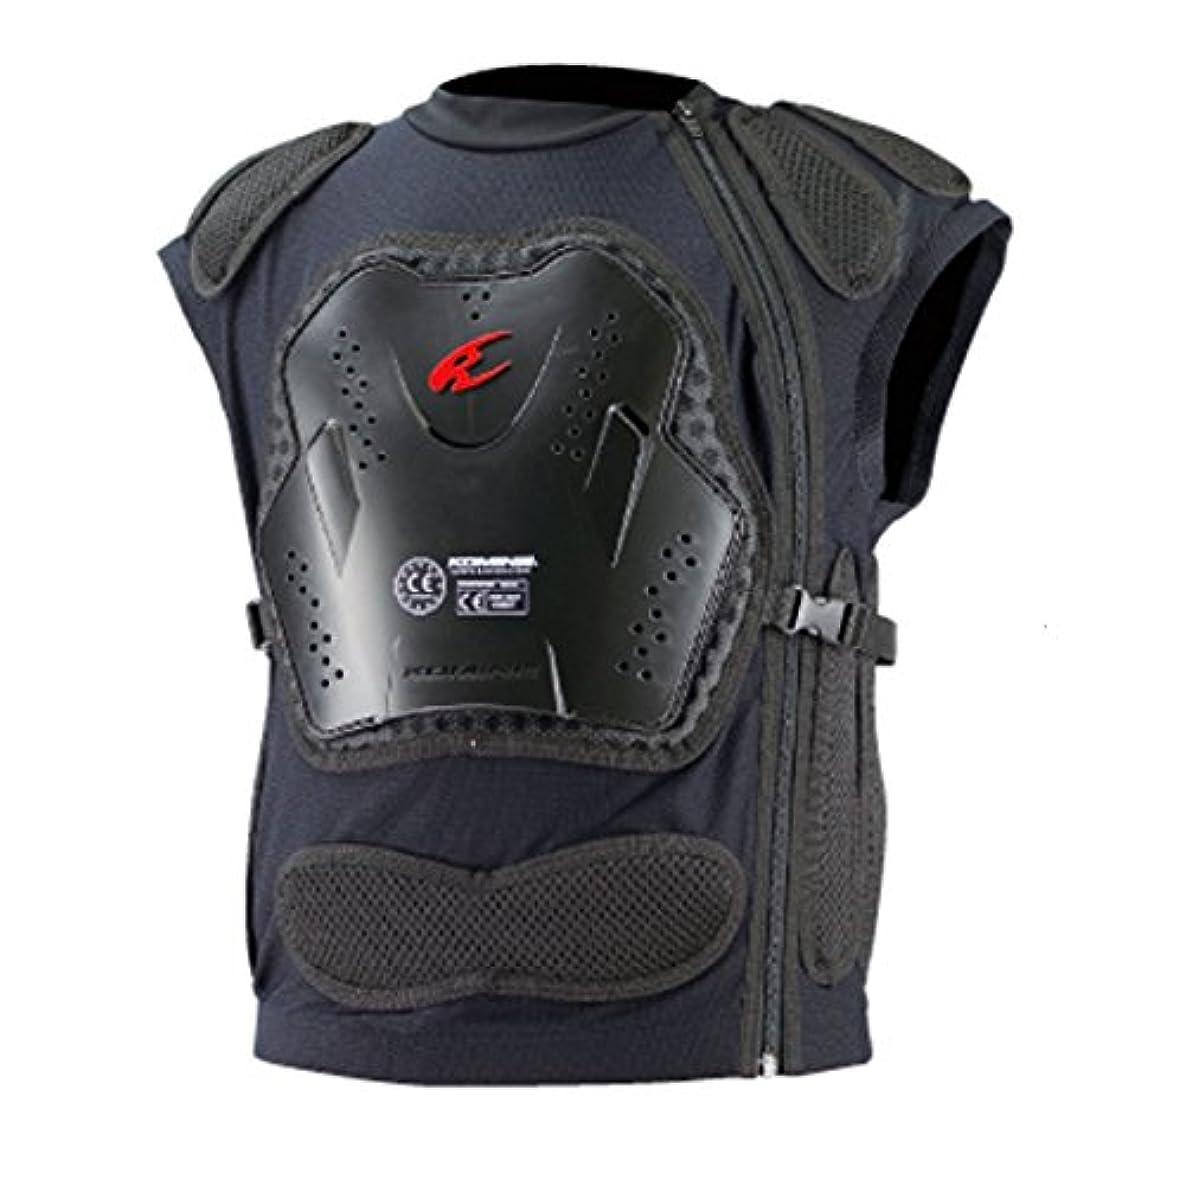 評議会移住する控えめなコミネ KOMINE バイク 胸部プロテクター CEボディアーマードベスト ブラック XL 04-698 SK-698